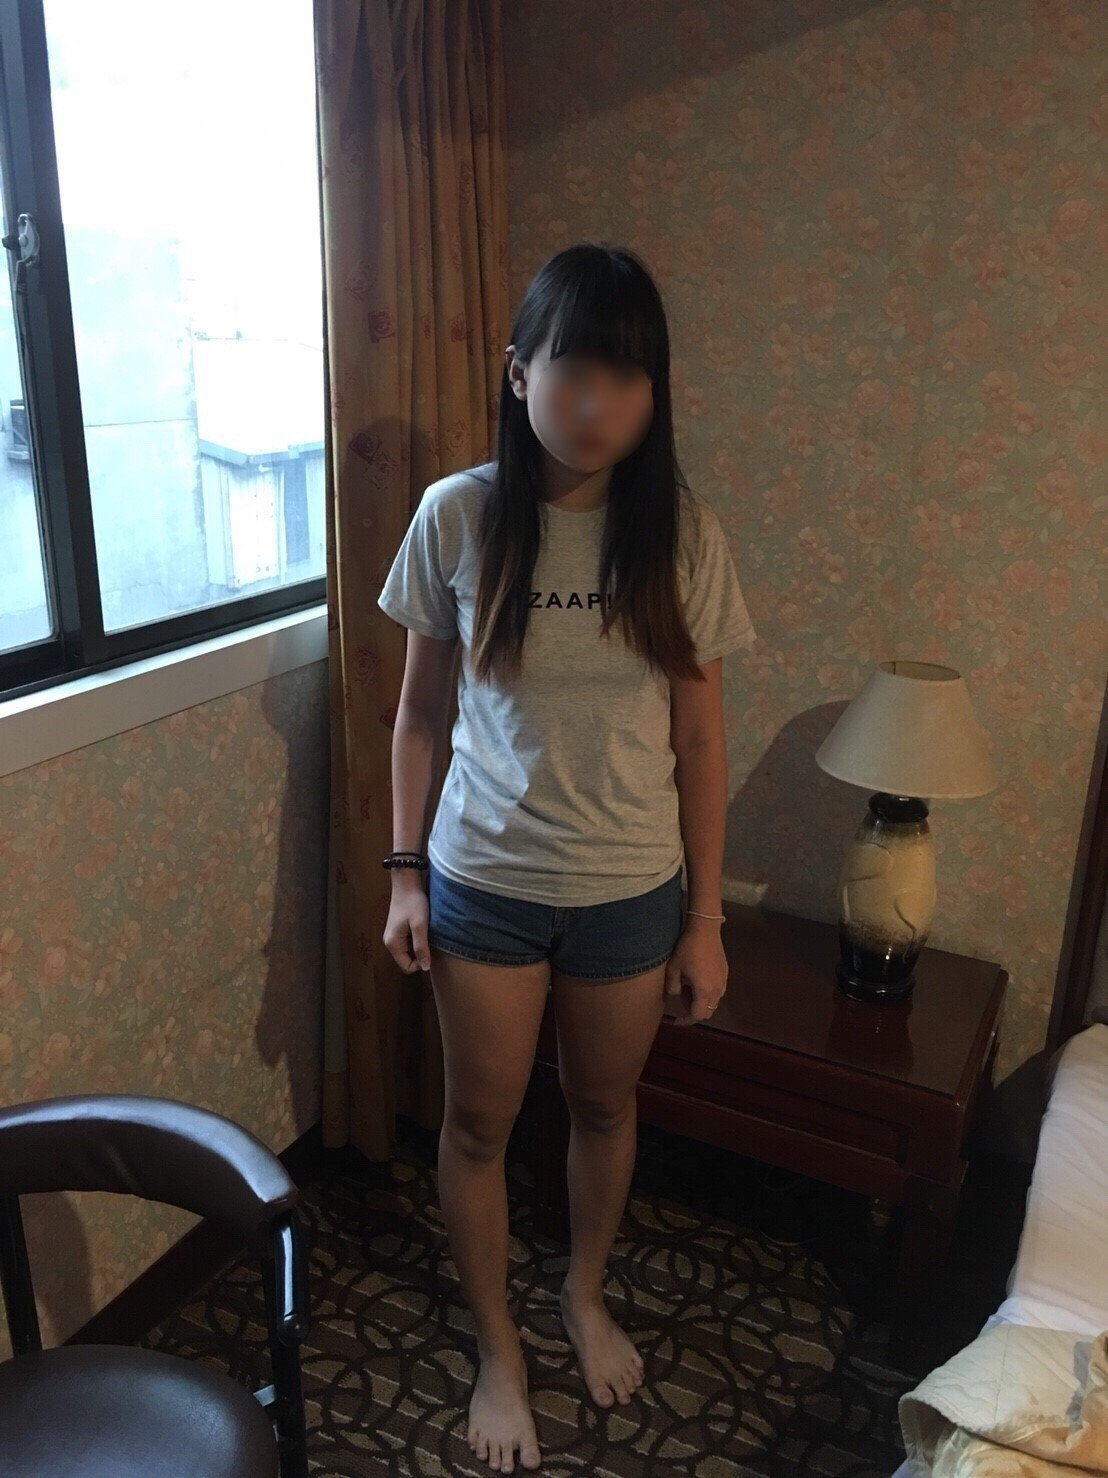 20歲泰國籍女子假藉觀光名義來台自由行,暗中從事性交易被警方查獲,哭著抱怨才接1...